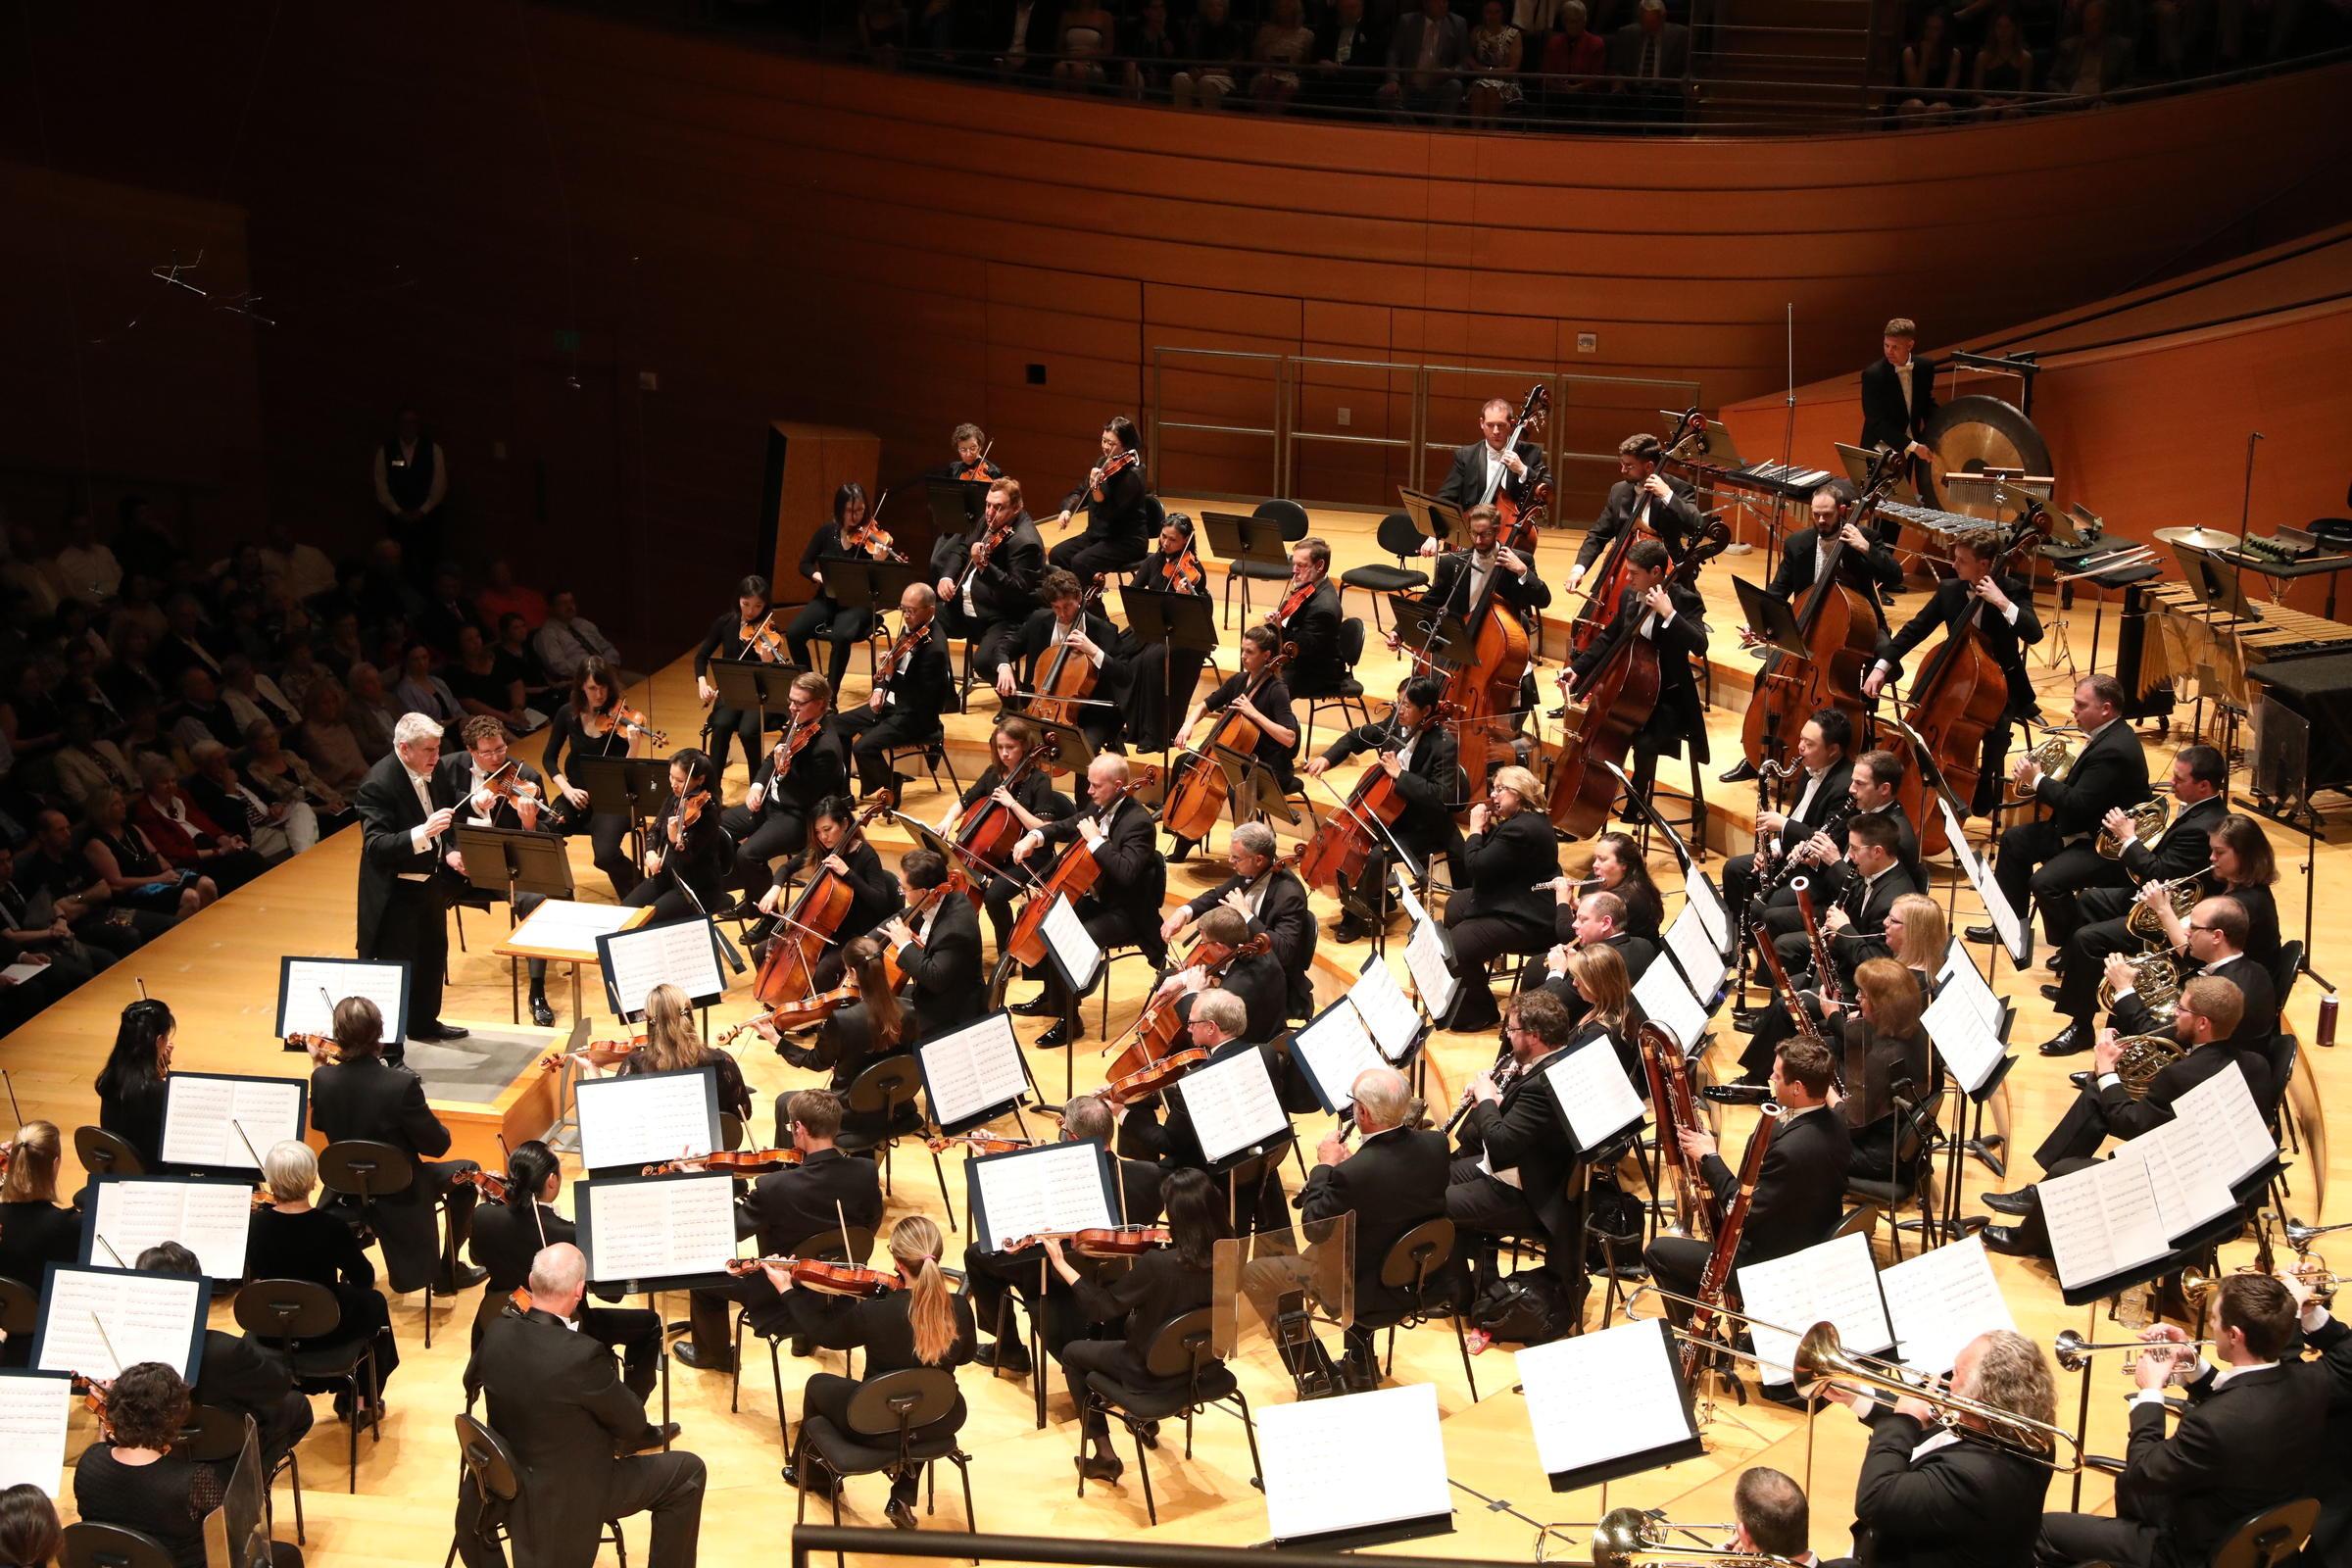 kansas city symphony reaches 55 million endowment fundraising goal